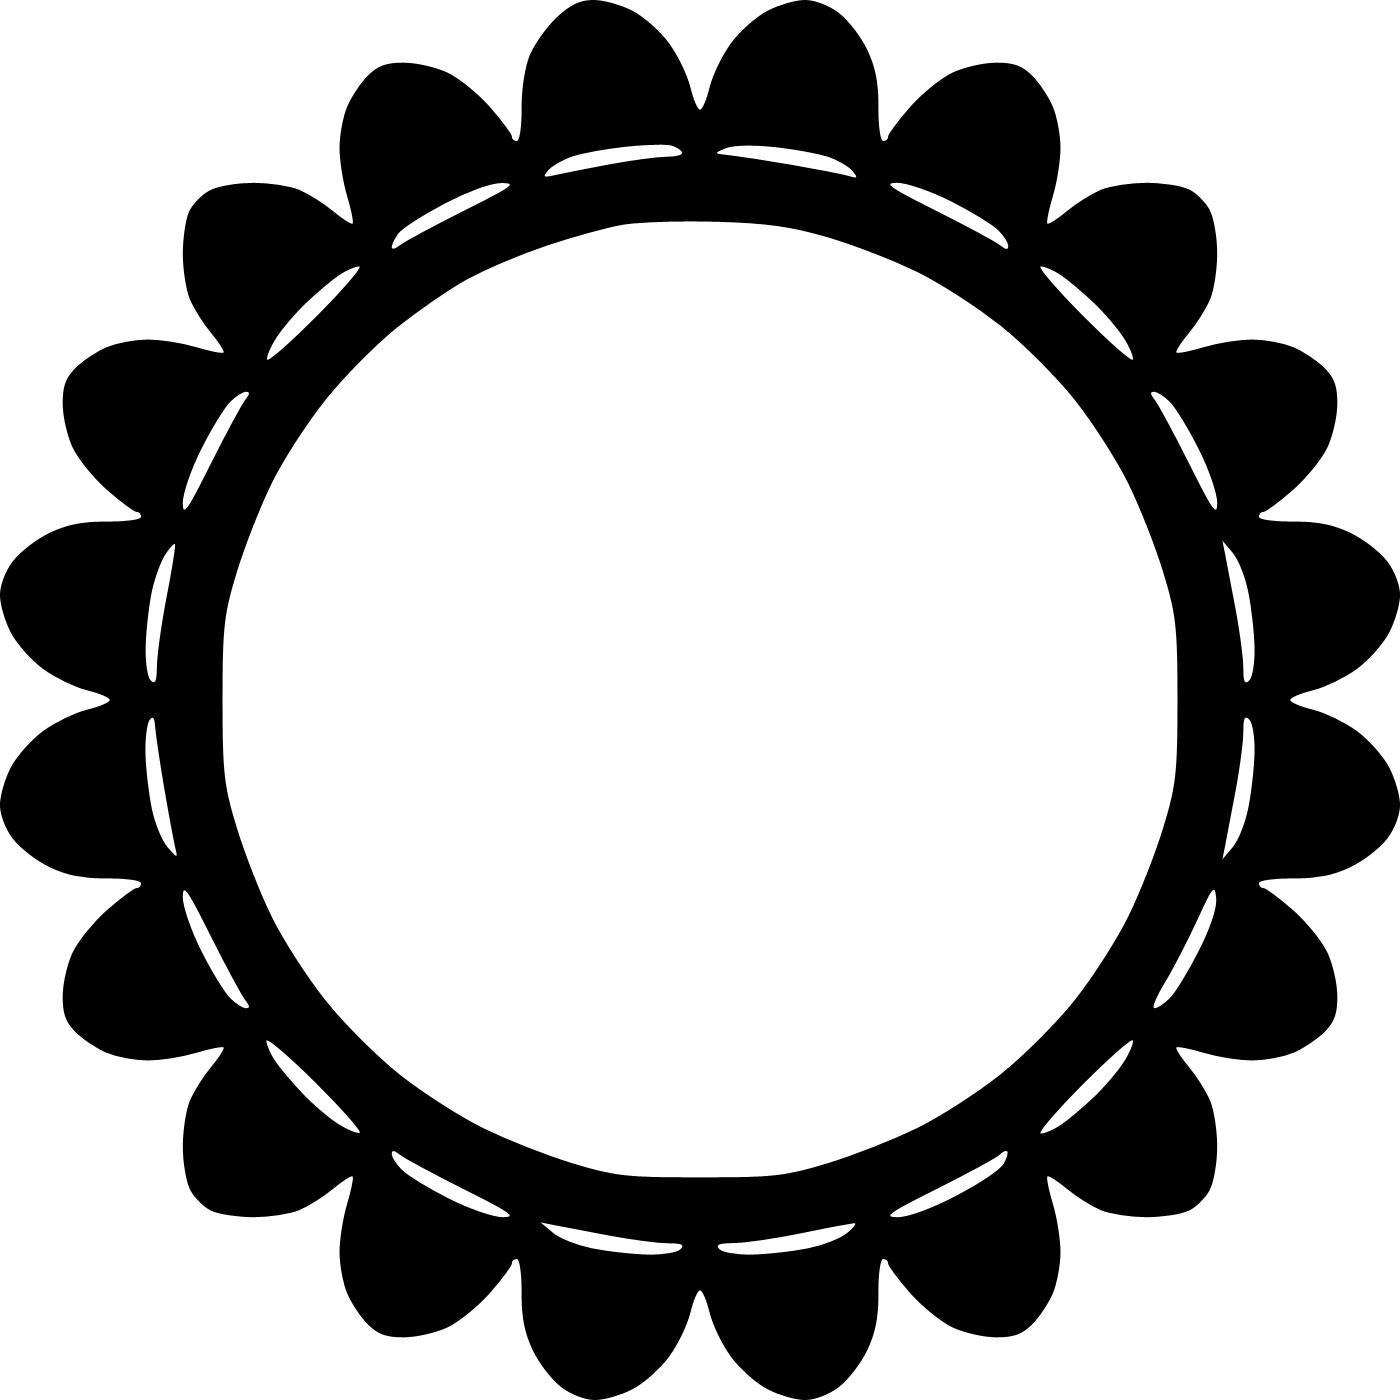 花のフレーム枠イラスト-白黒